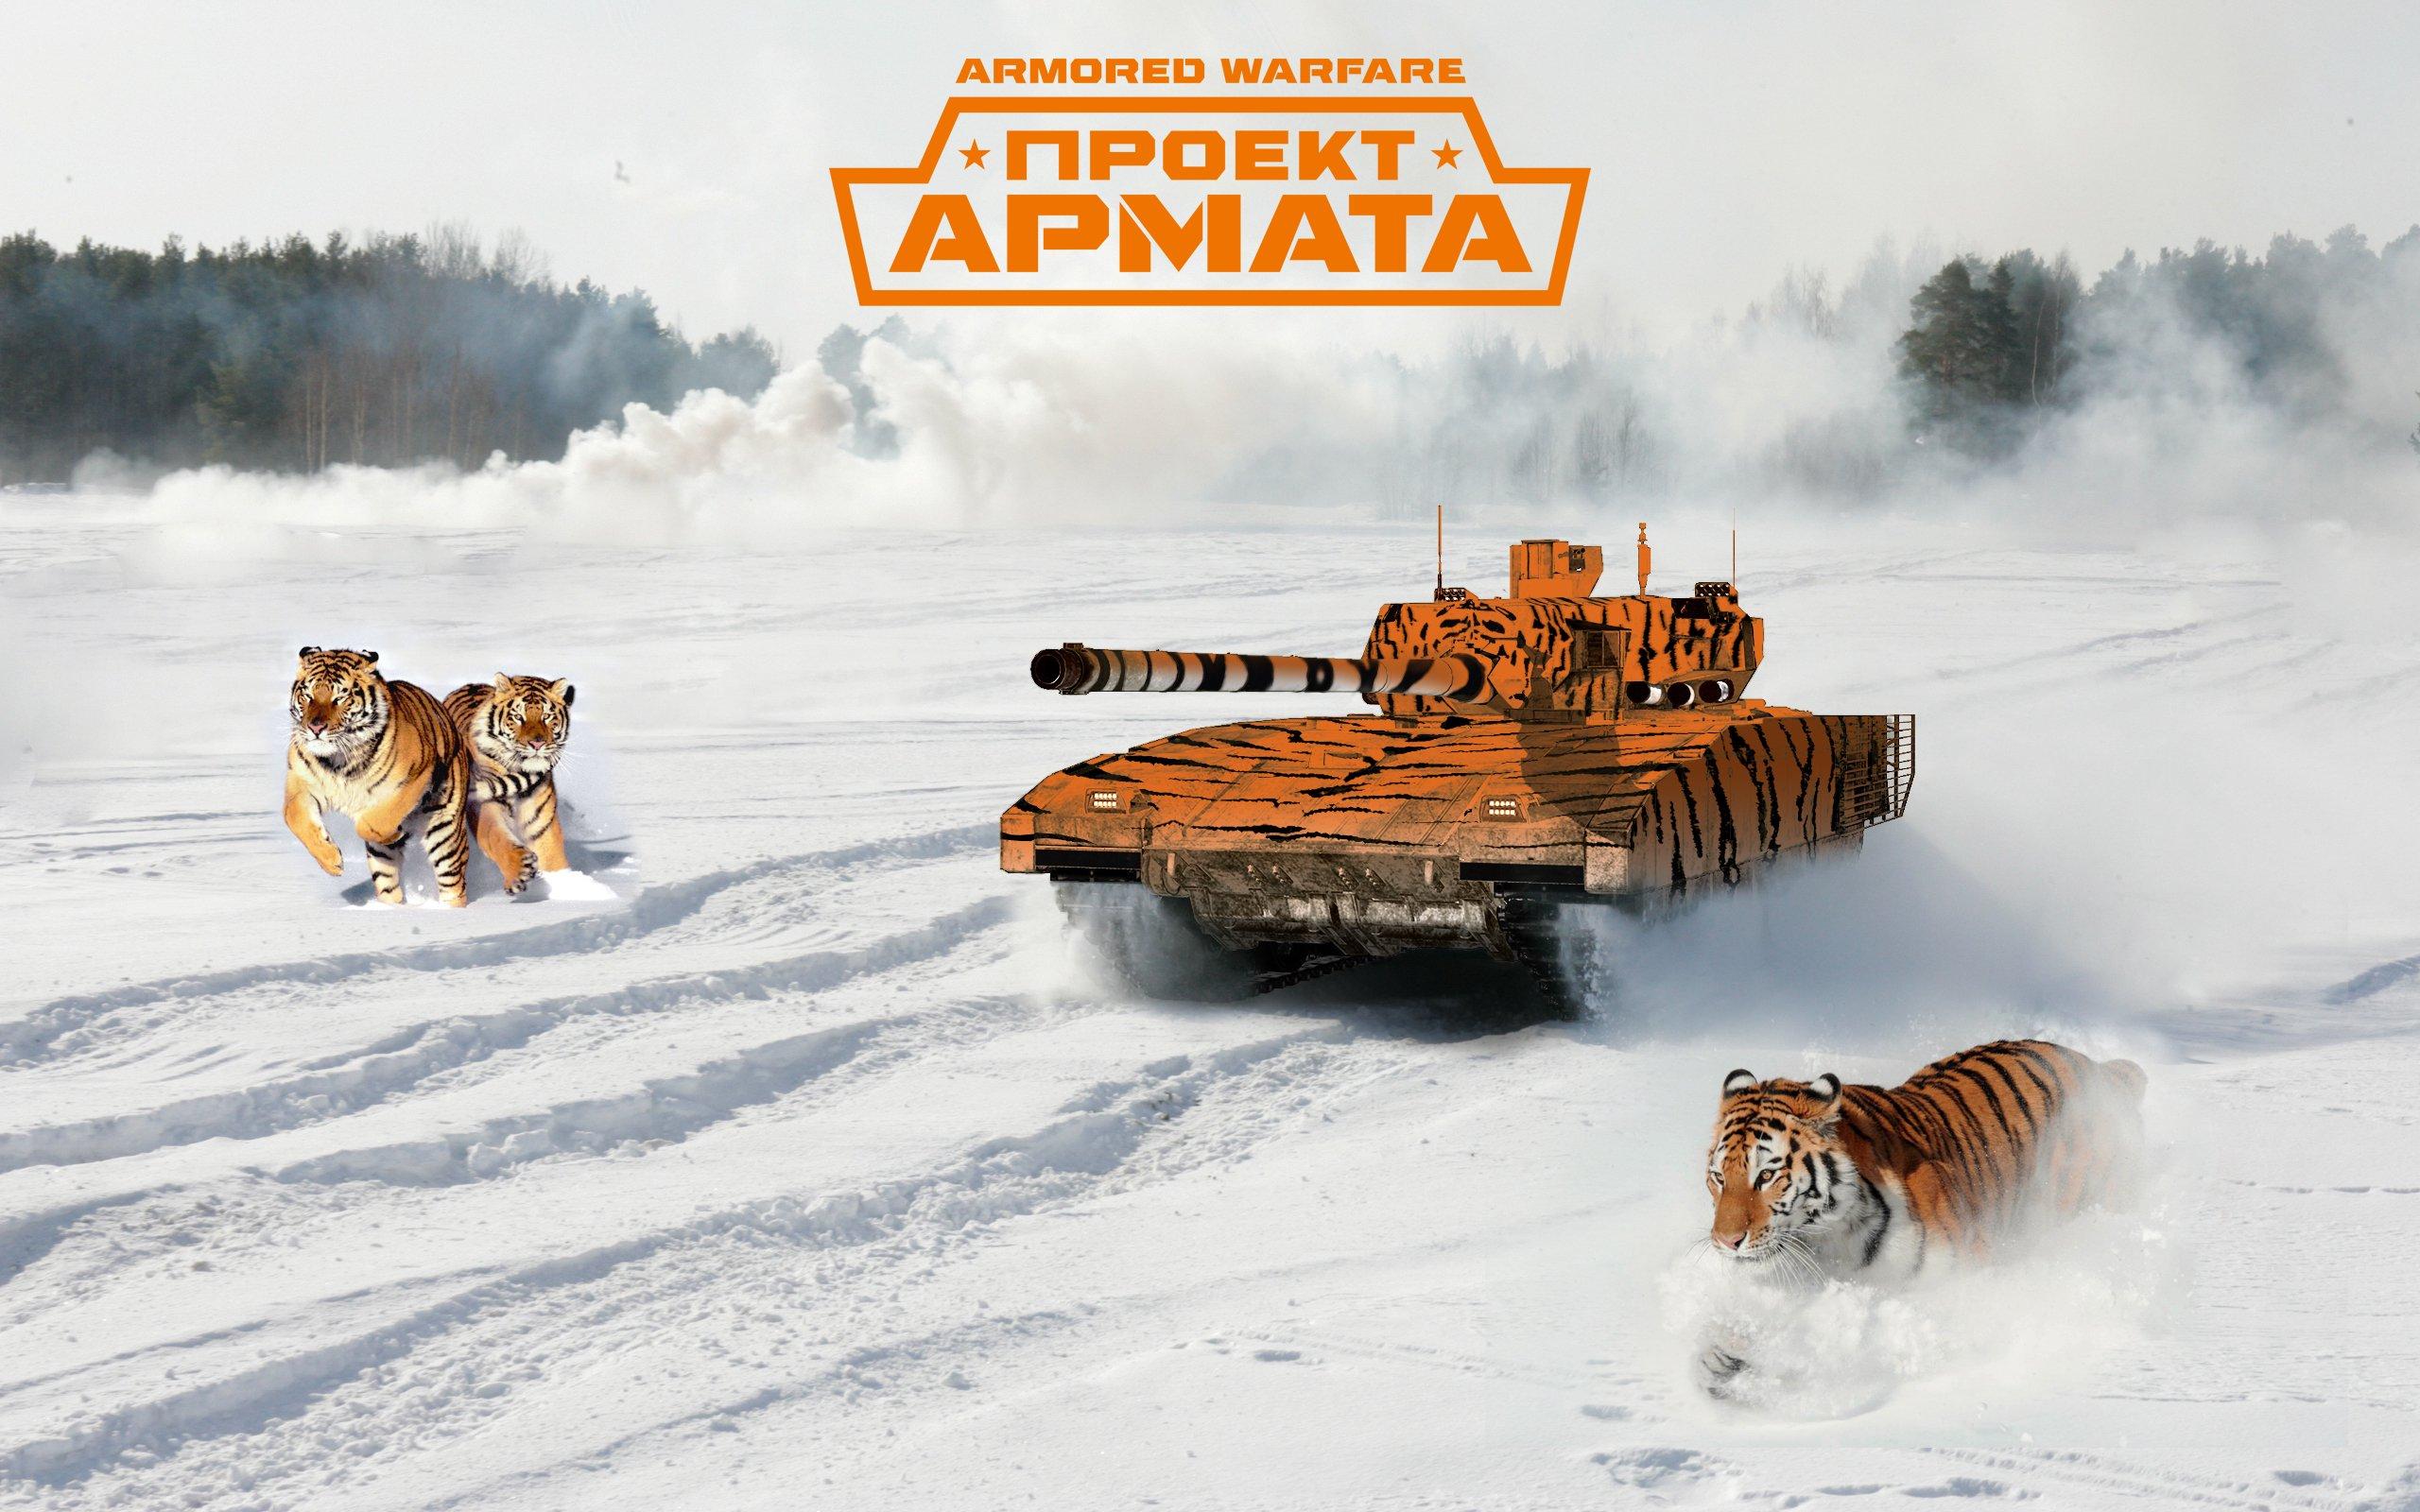 Тигровый окрас - Изображение 1